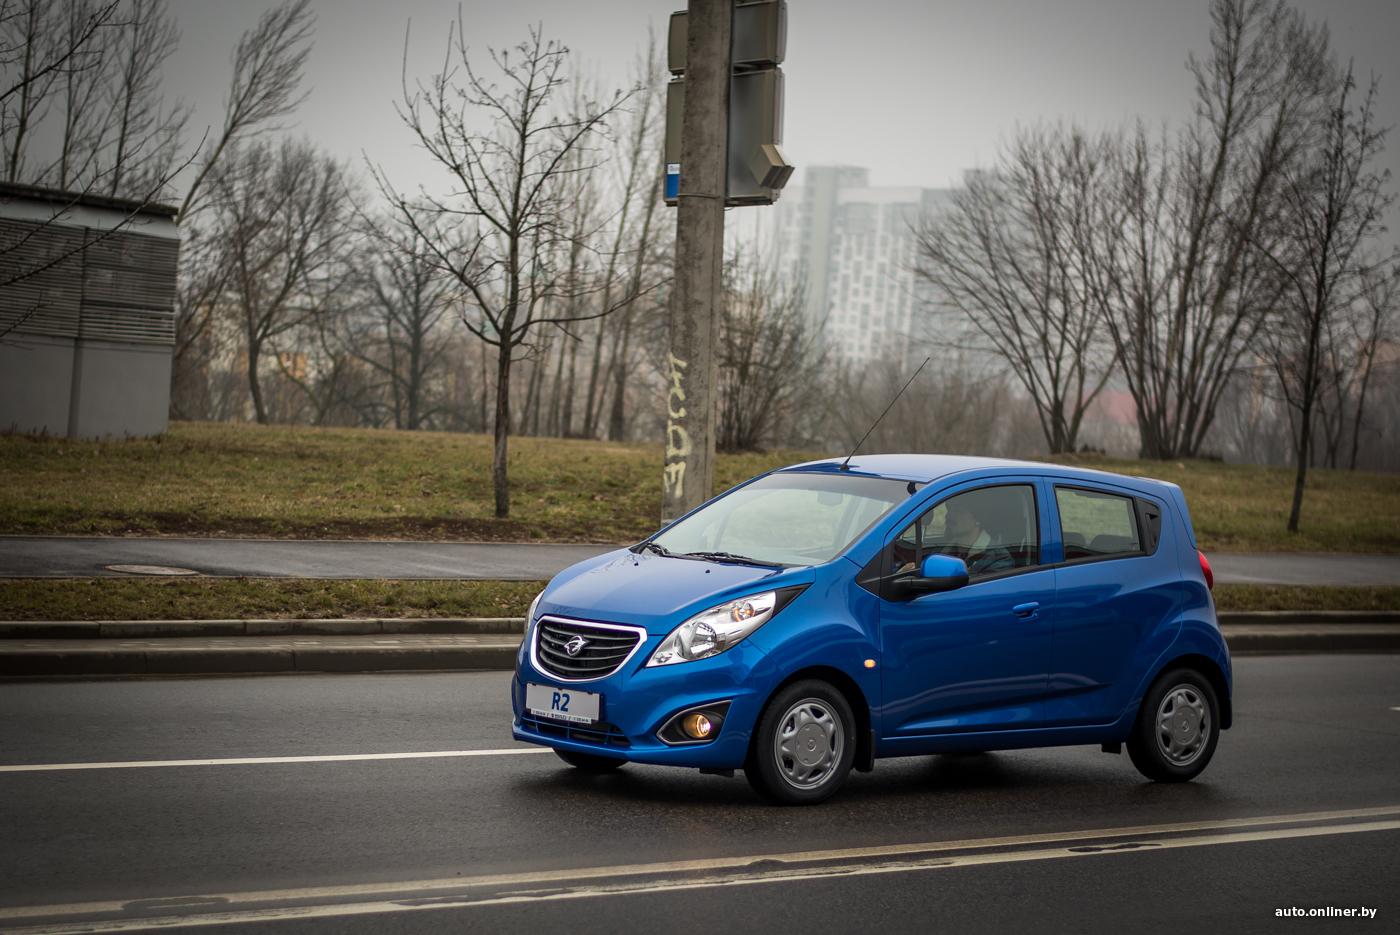 В России все понятно — массовые модели Chevrolet там официально не  продаются, а Ravon предлагает клиентам устаревшие Chevy со странным круглым  логотипом. 88774400e3a